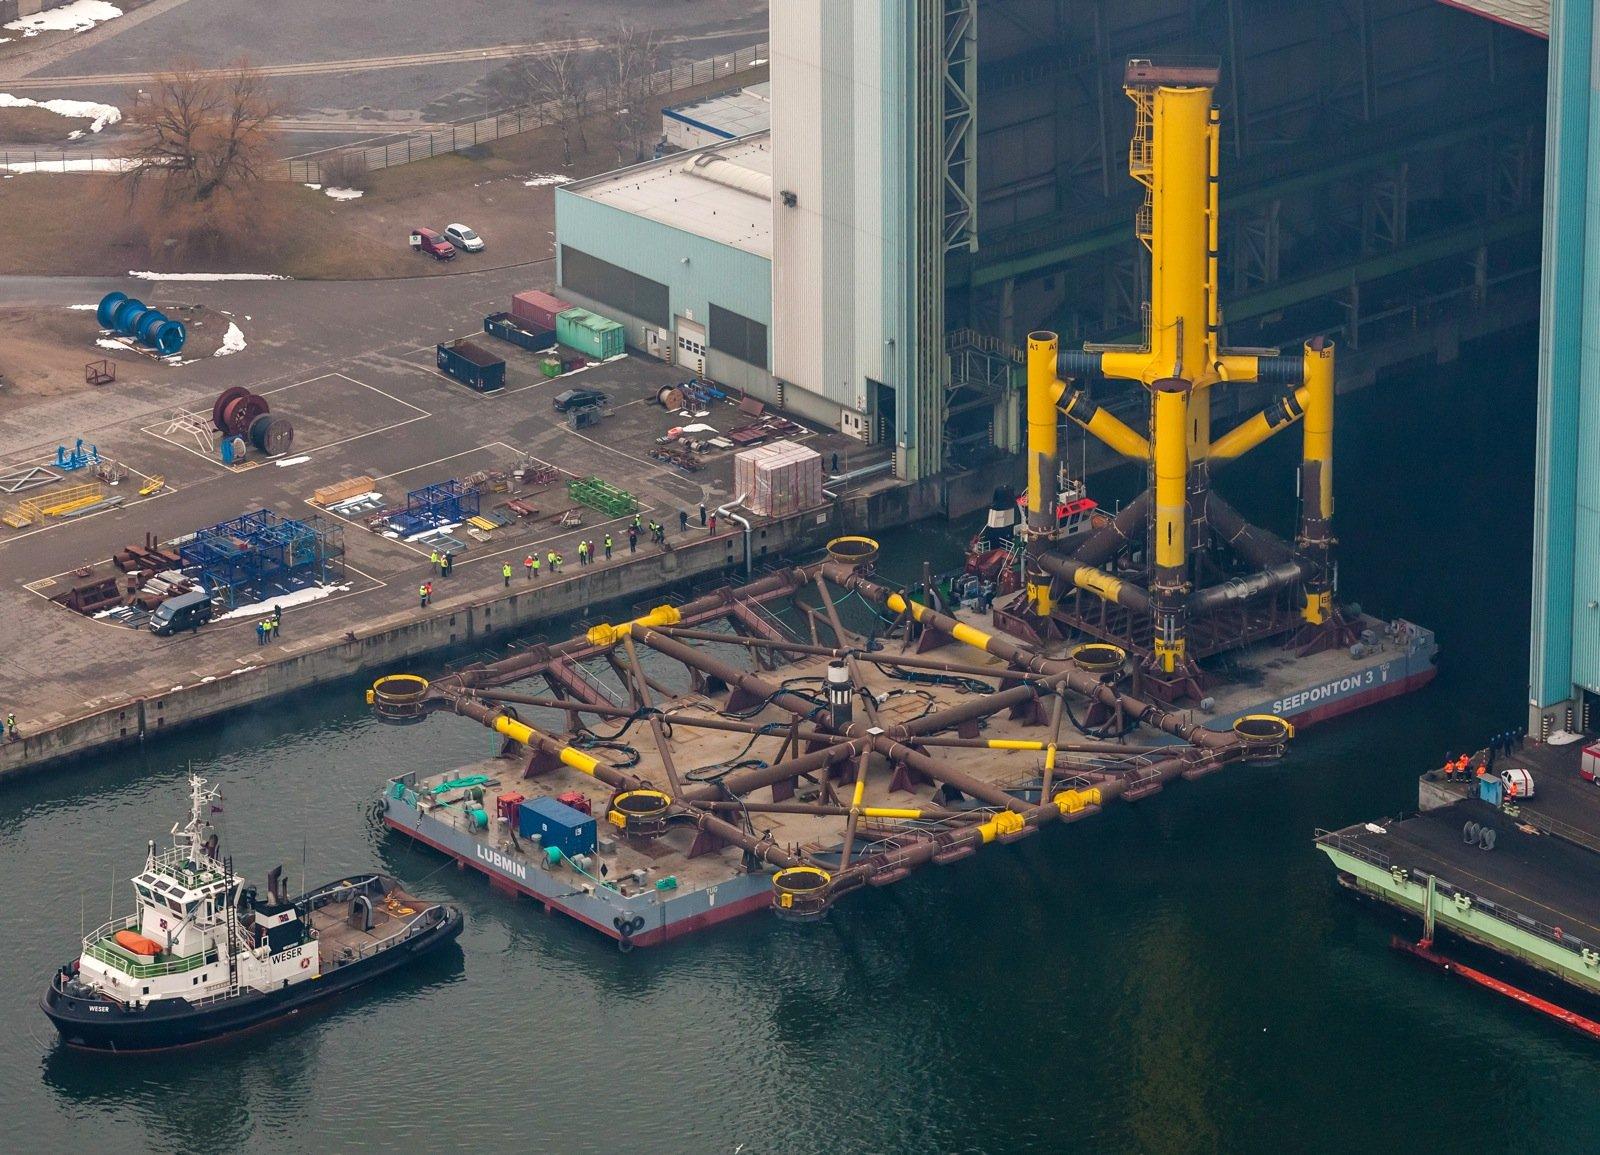 Die Offshore-Plattform HelWin1 wird auf einer Unterkonstruktion installiert. Diese wiegt allein 1000 Tonnen. Sie hat bereits im Juni die Werft verlassen und wurde mit zehn Stahlpfeilern in der dort 23 Meter tiefen Nordsee verankert.